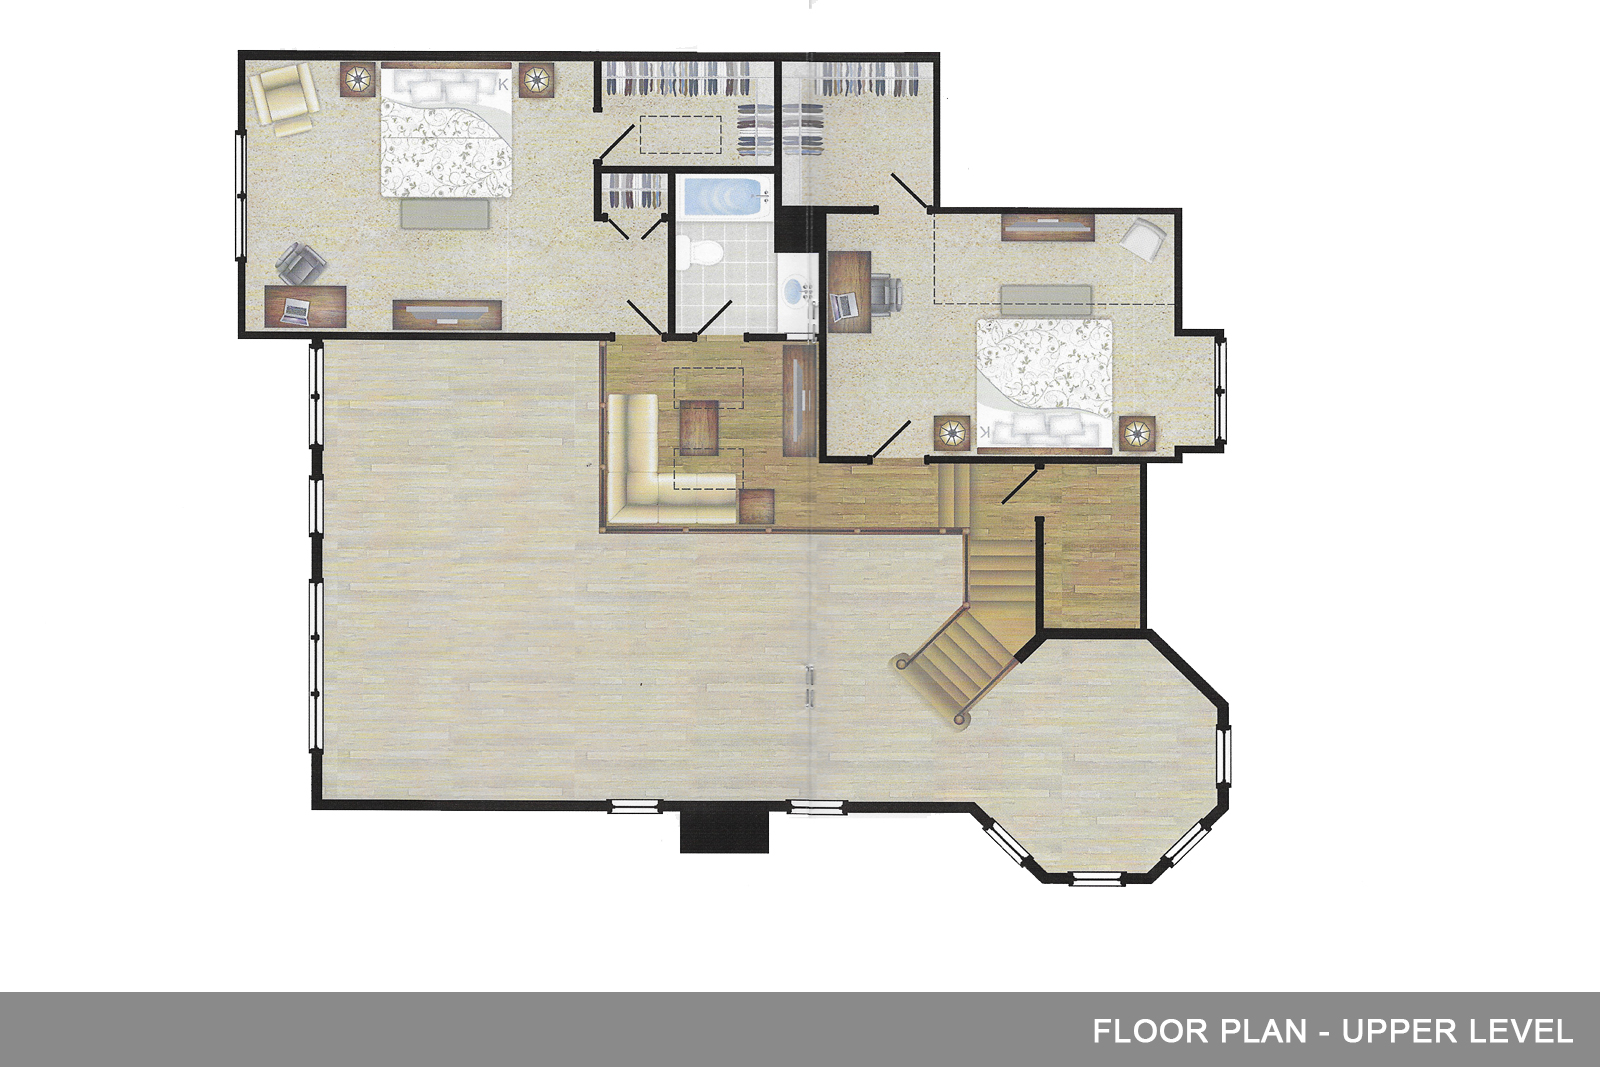 26-Floor-Plan-Upper-Level.jpg